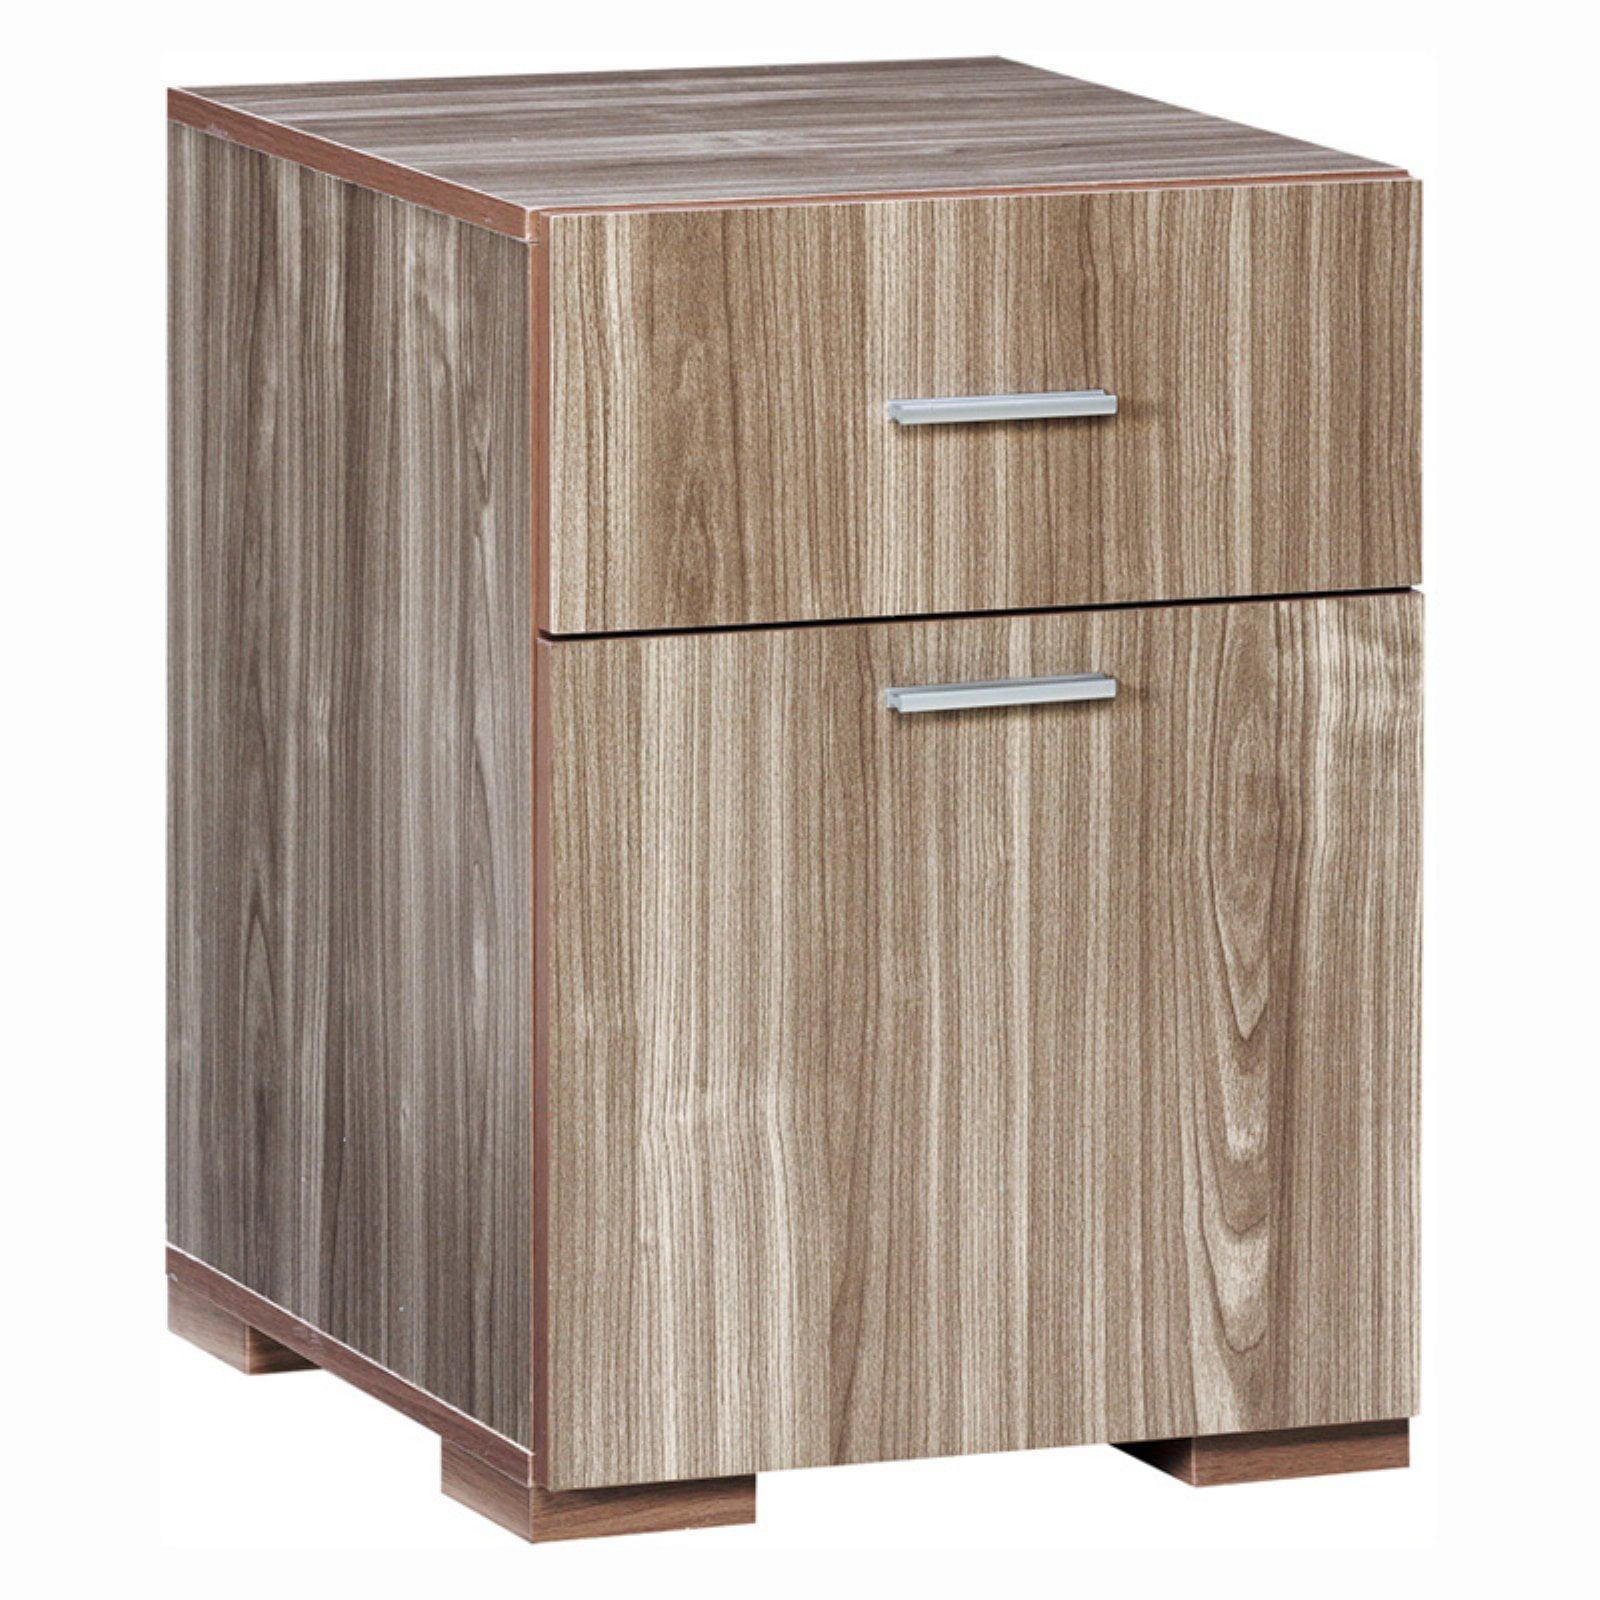 Comfort Products Soho Large Desk with Bookshelf